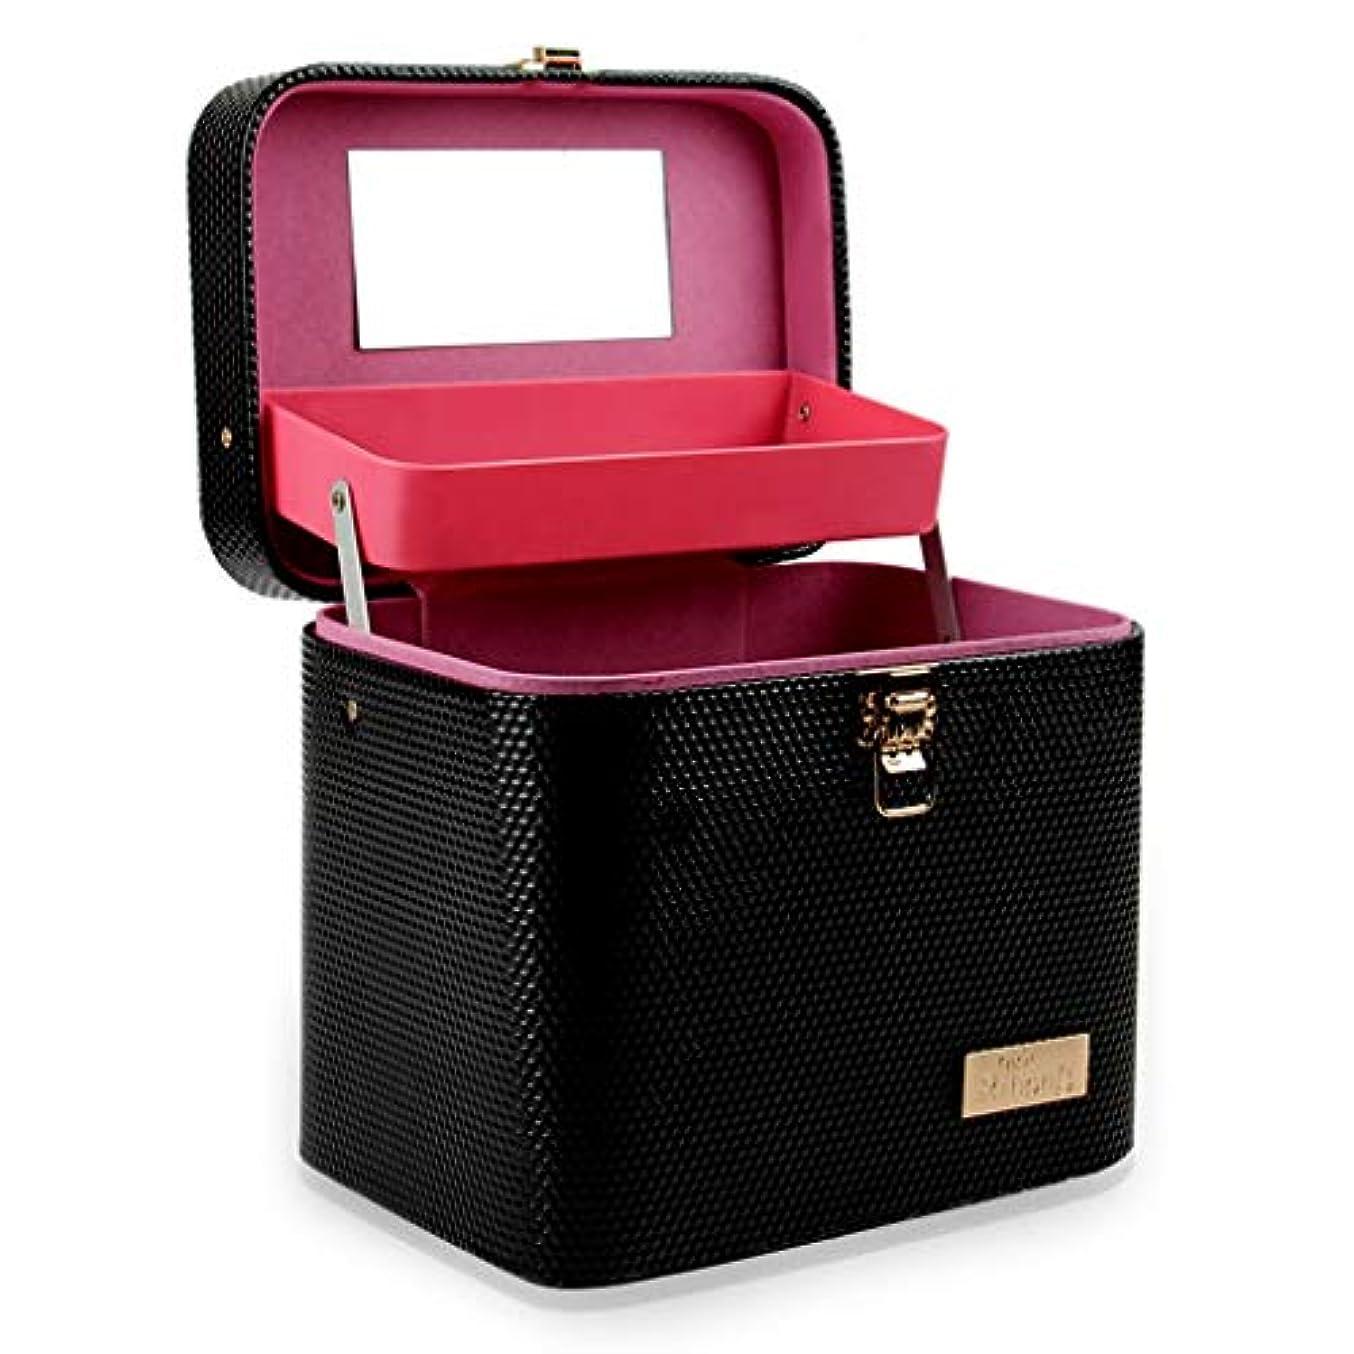 前件通行人消費する[テンカ]メイクボックス コスメボックス 黒 化粧箱 鏡付き 収納ボックス 収納ケース 化粧品?化粧道具入れ 自宅?出張?旅行?アウトドア撮影 プロ用 大容量 取っ手付 多機能